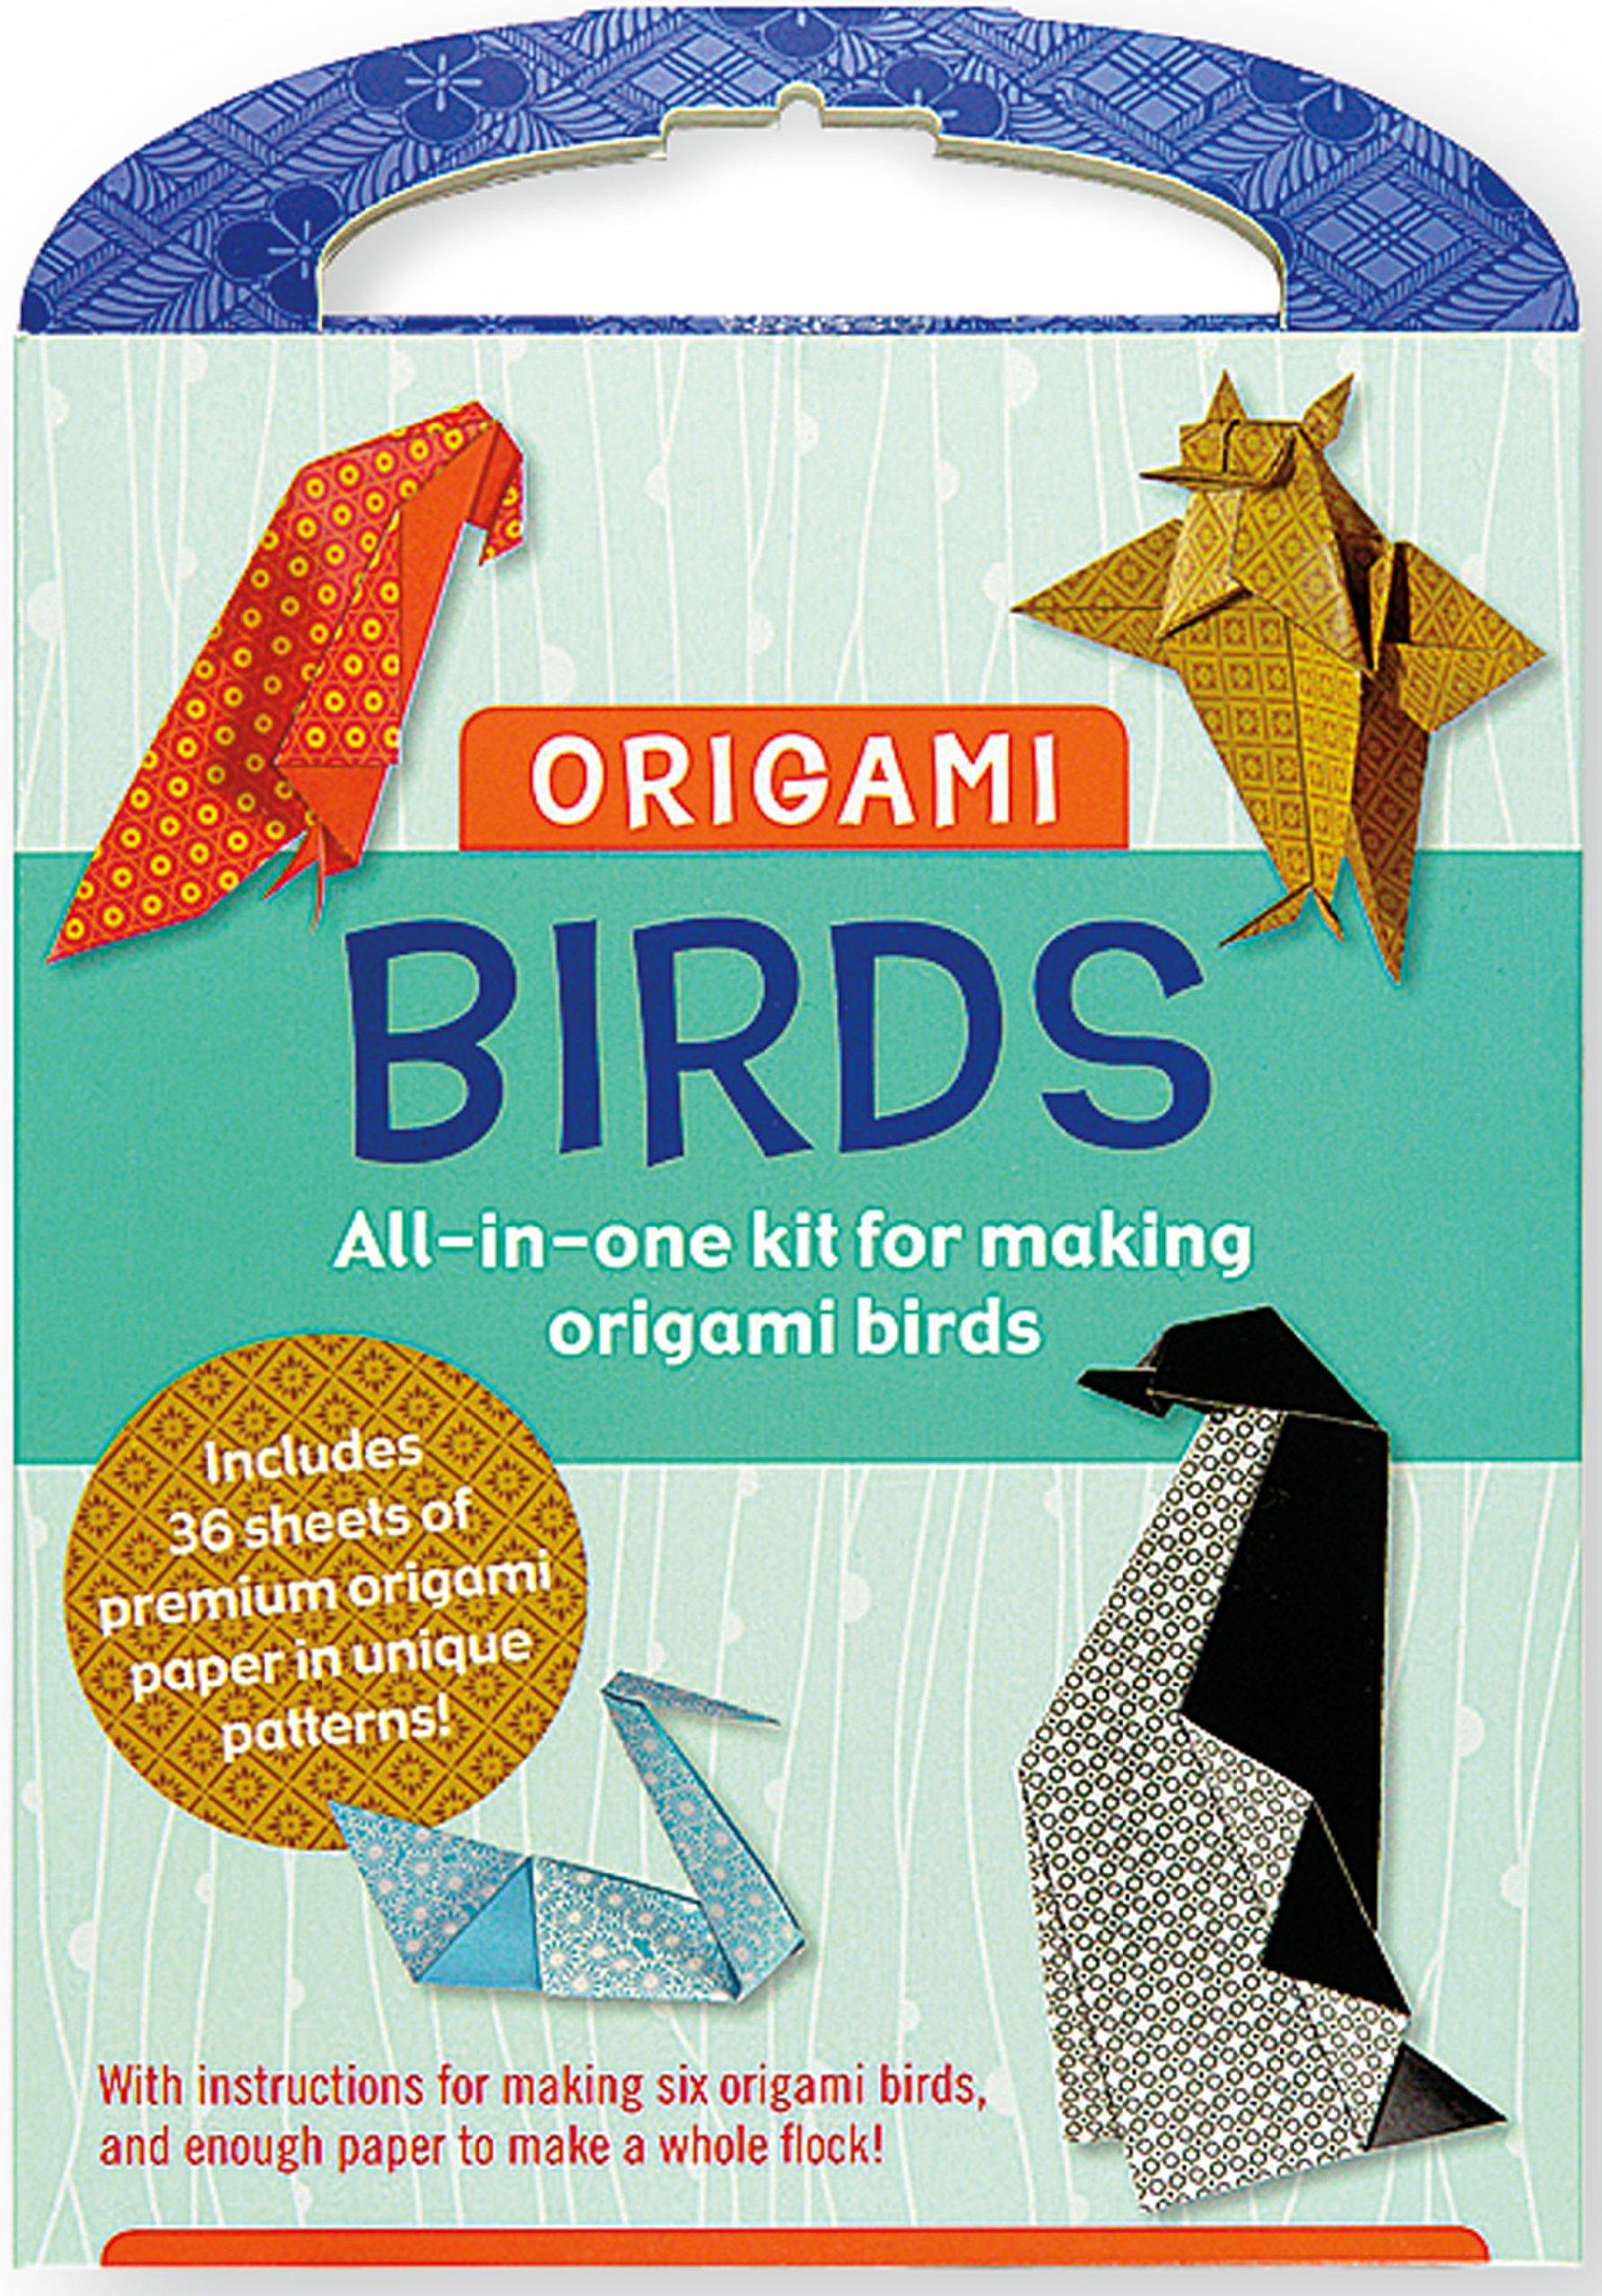 Japanese Origami for Beginners Kit - Tuttle Publishing | 2560x1786